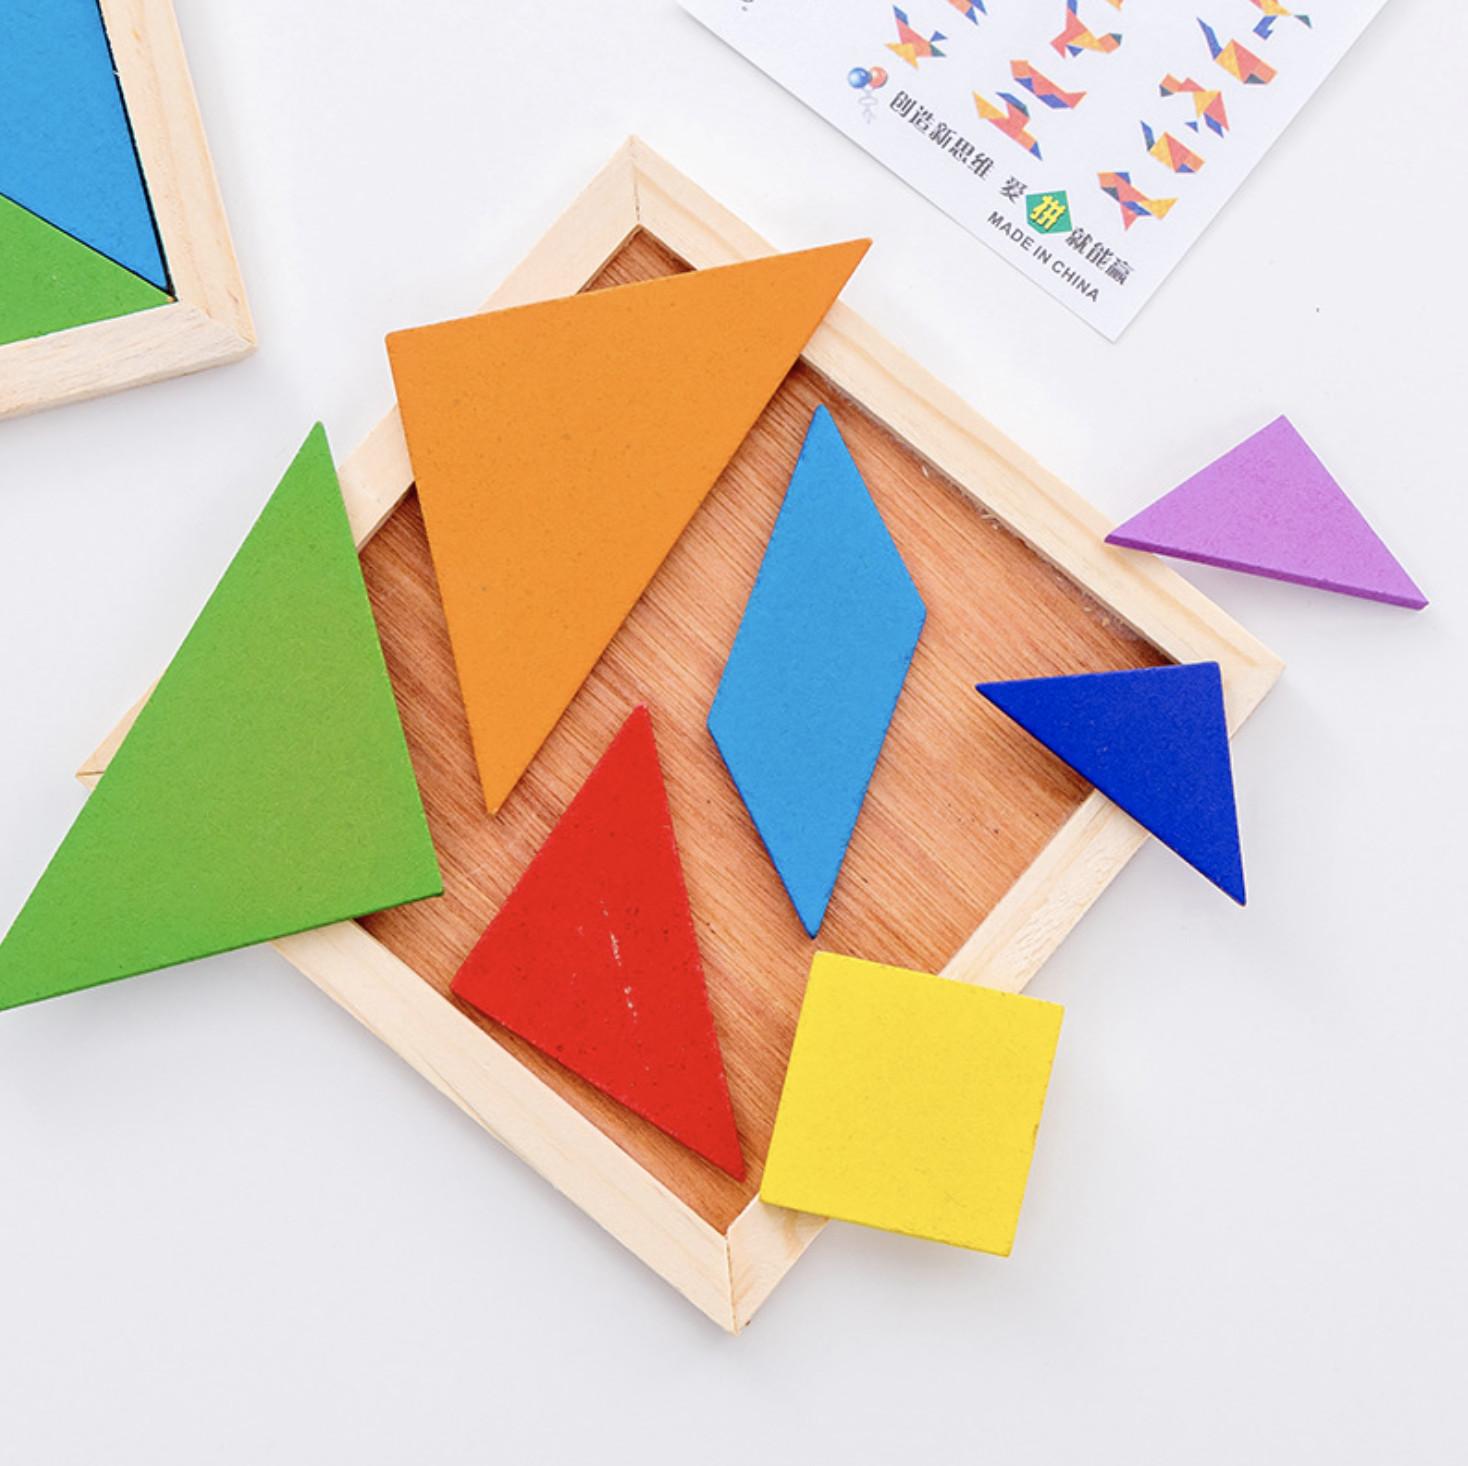 Bộ đồ chơi ghép hình bằng gỗ cho bé - Bộ đồ chơi ghép hình 17 mẫu ghép độc  đáo - Lắp ráp Thương hiệu OEM